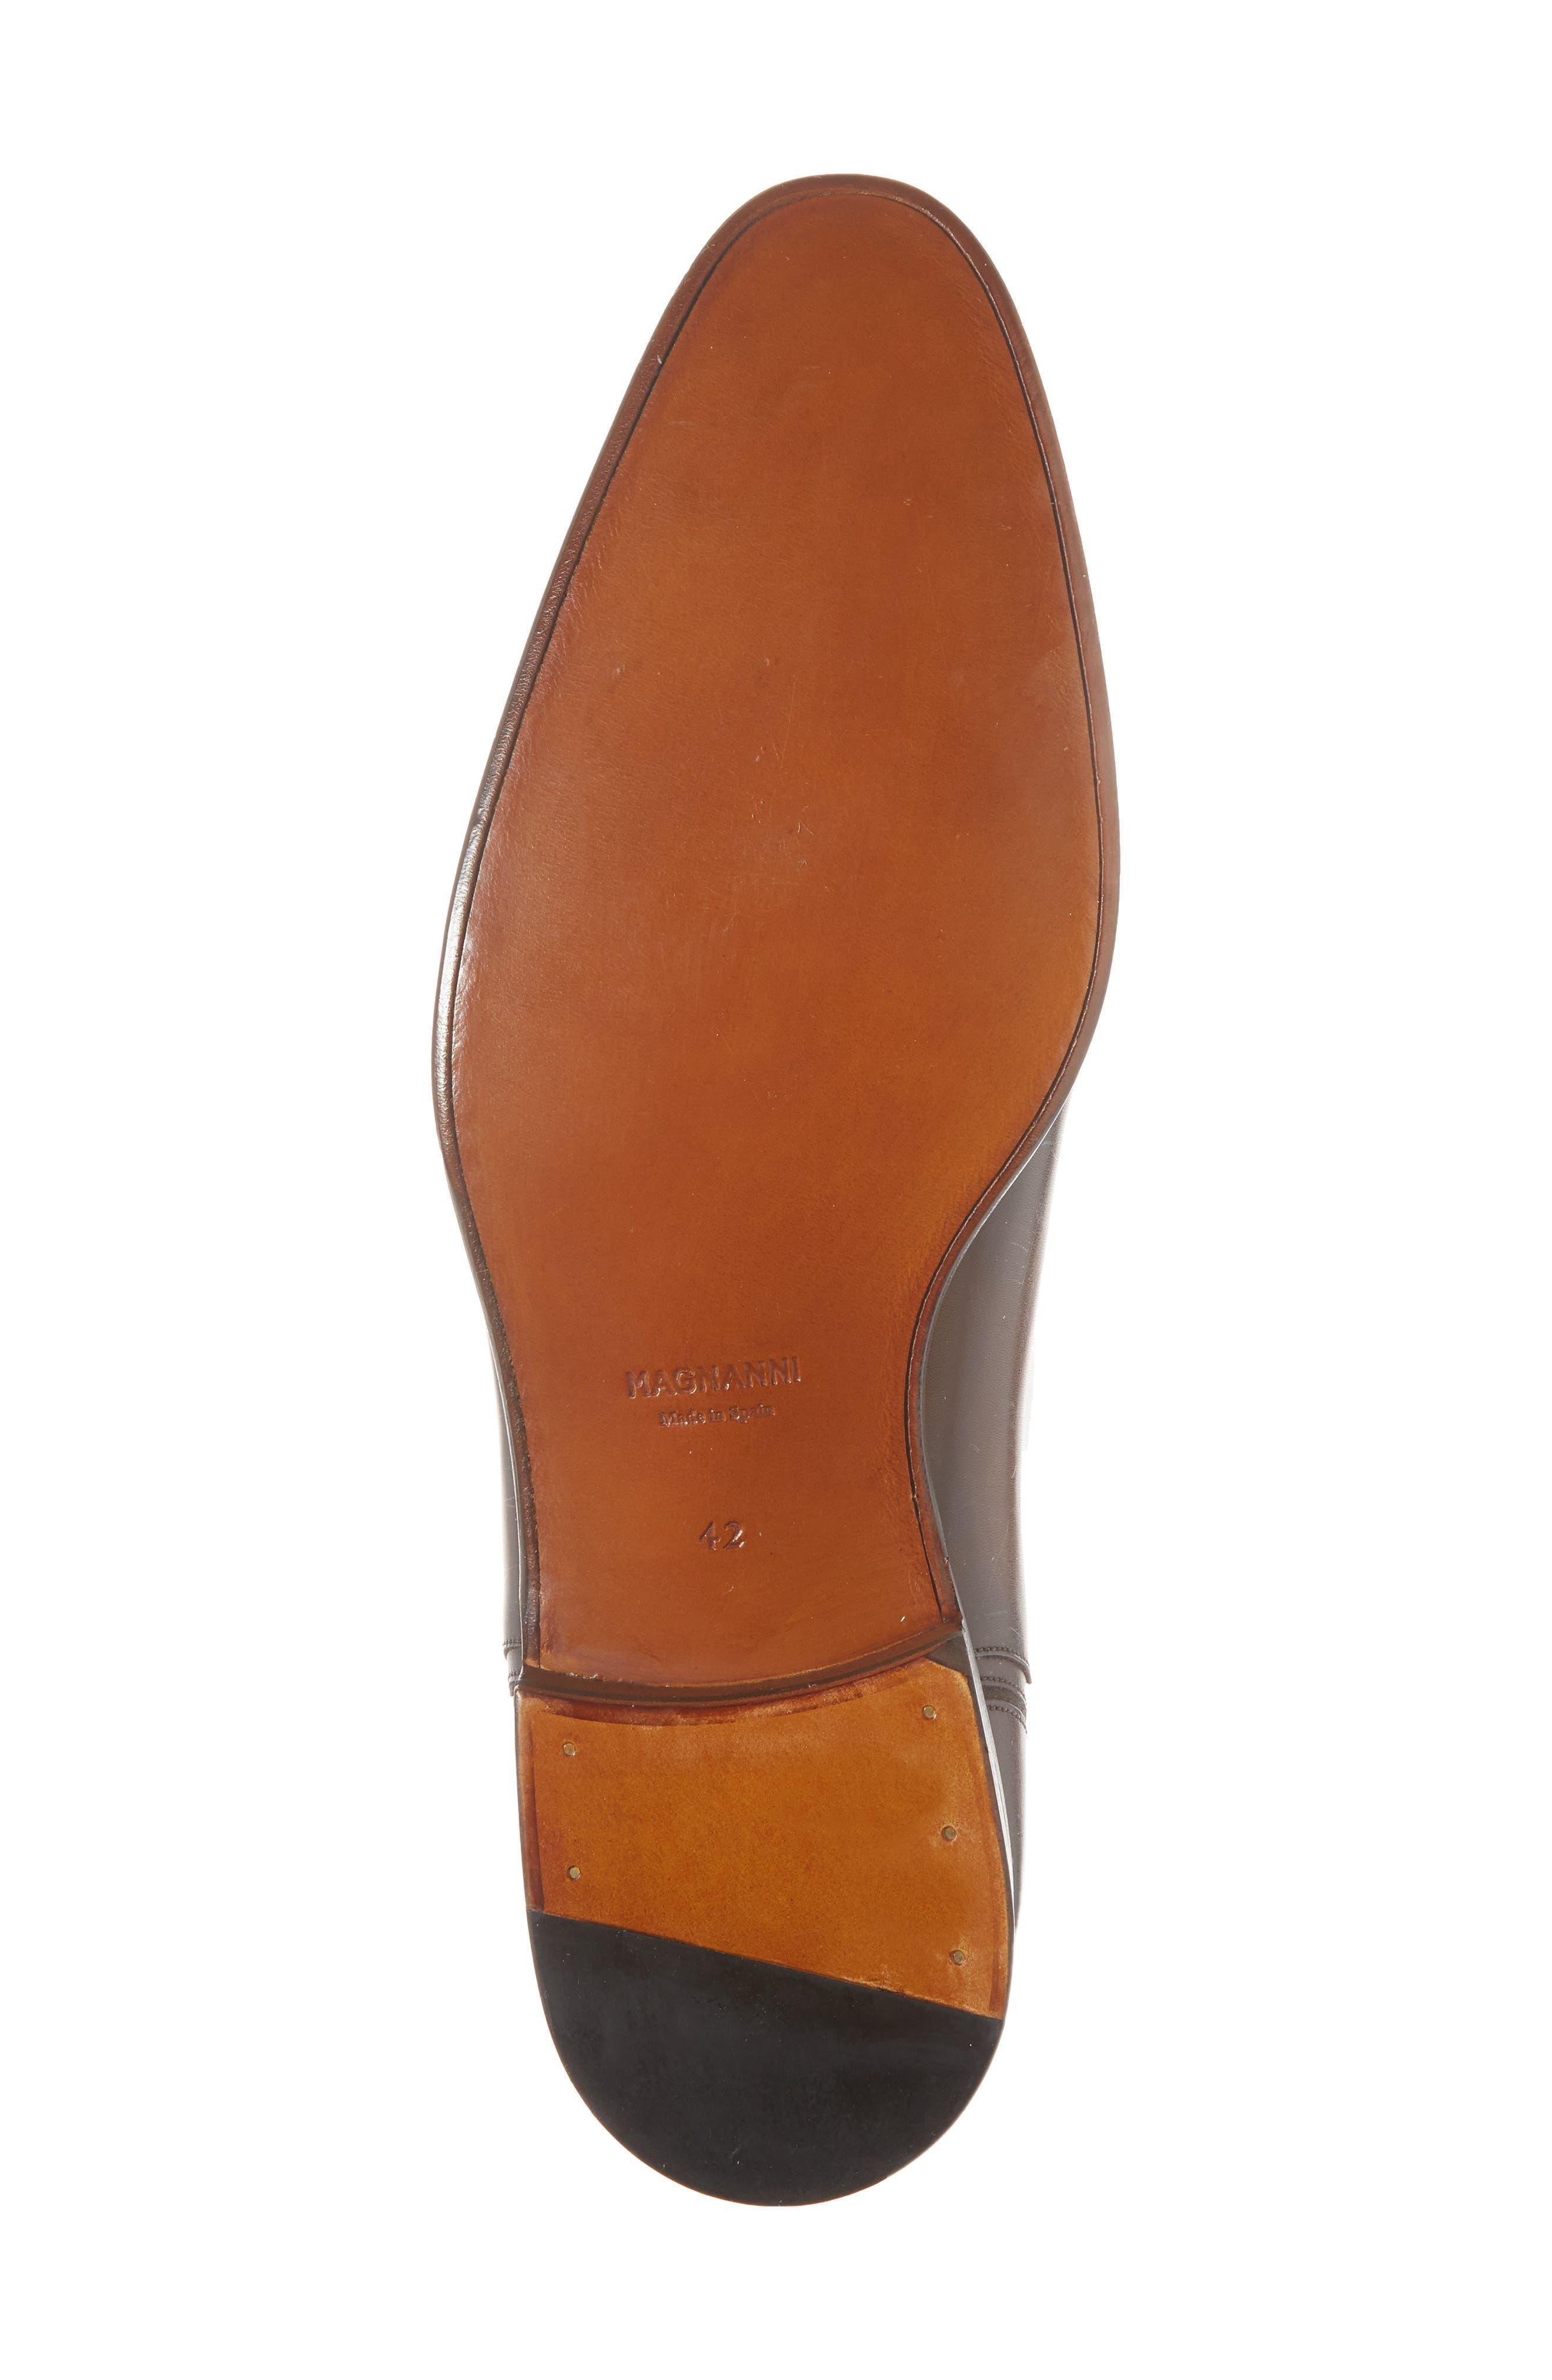 Cadiz Whole Cut Shoe,                             Alternate thumbnail 6, color,                             TOBACCO LEATHER